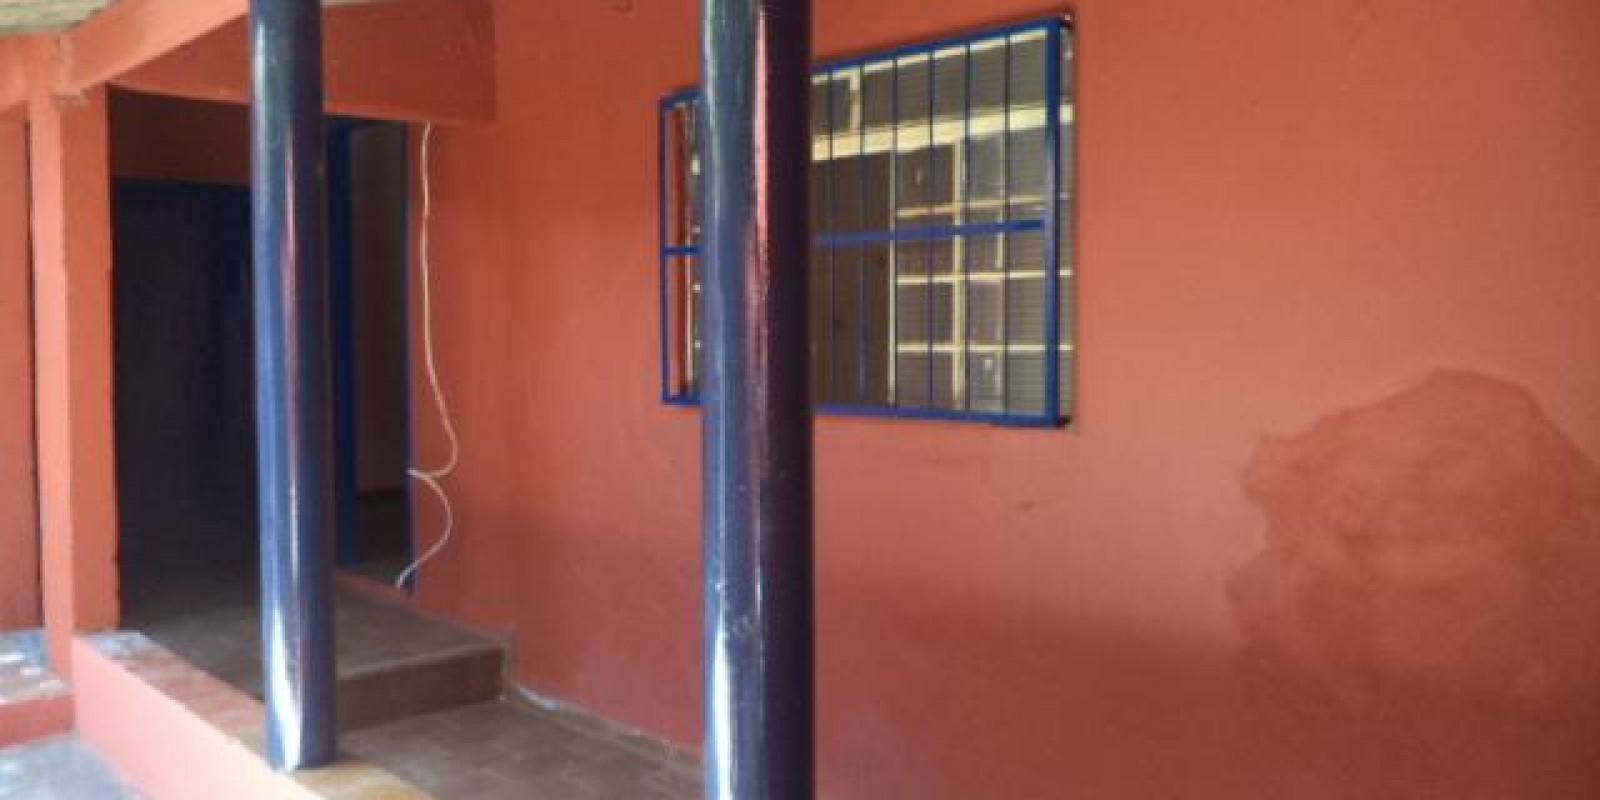 Casa Residencial e Comercial no Bairro Vila Martins III em Avaré SP - Foto 1 de 14